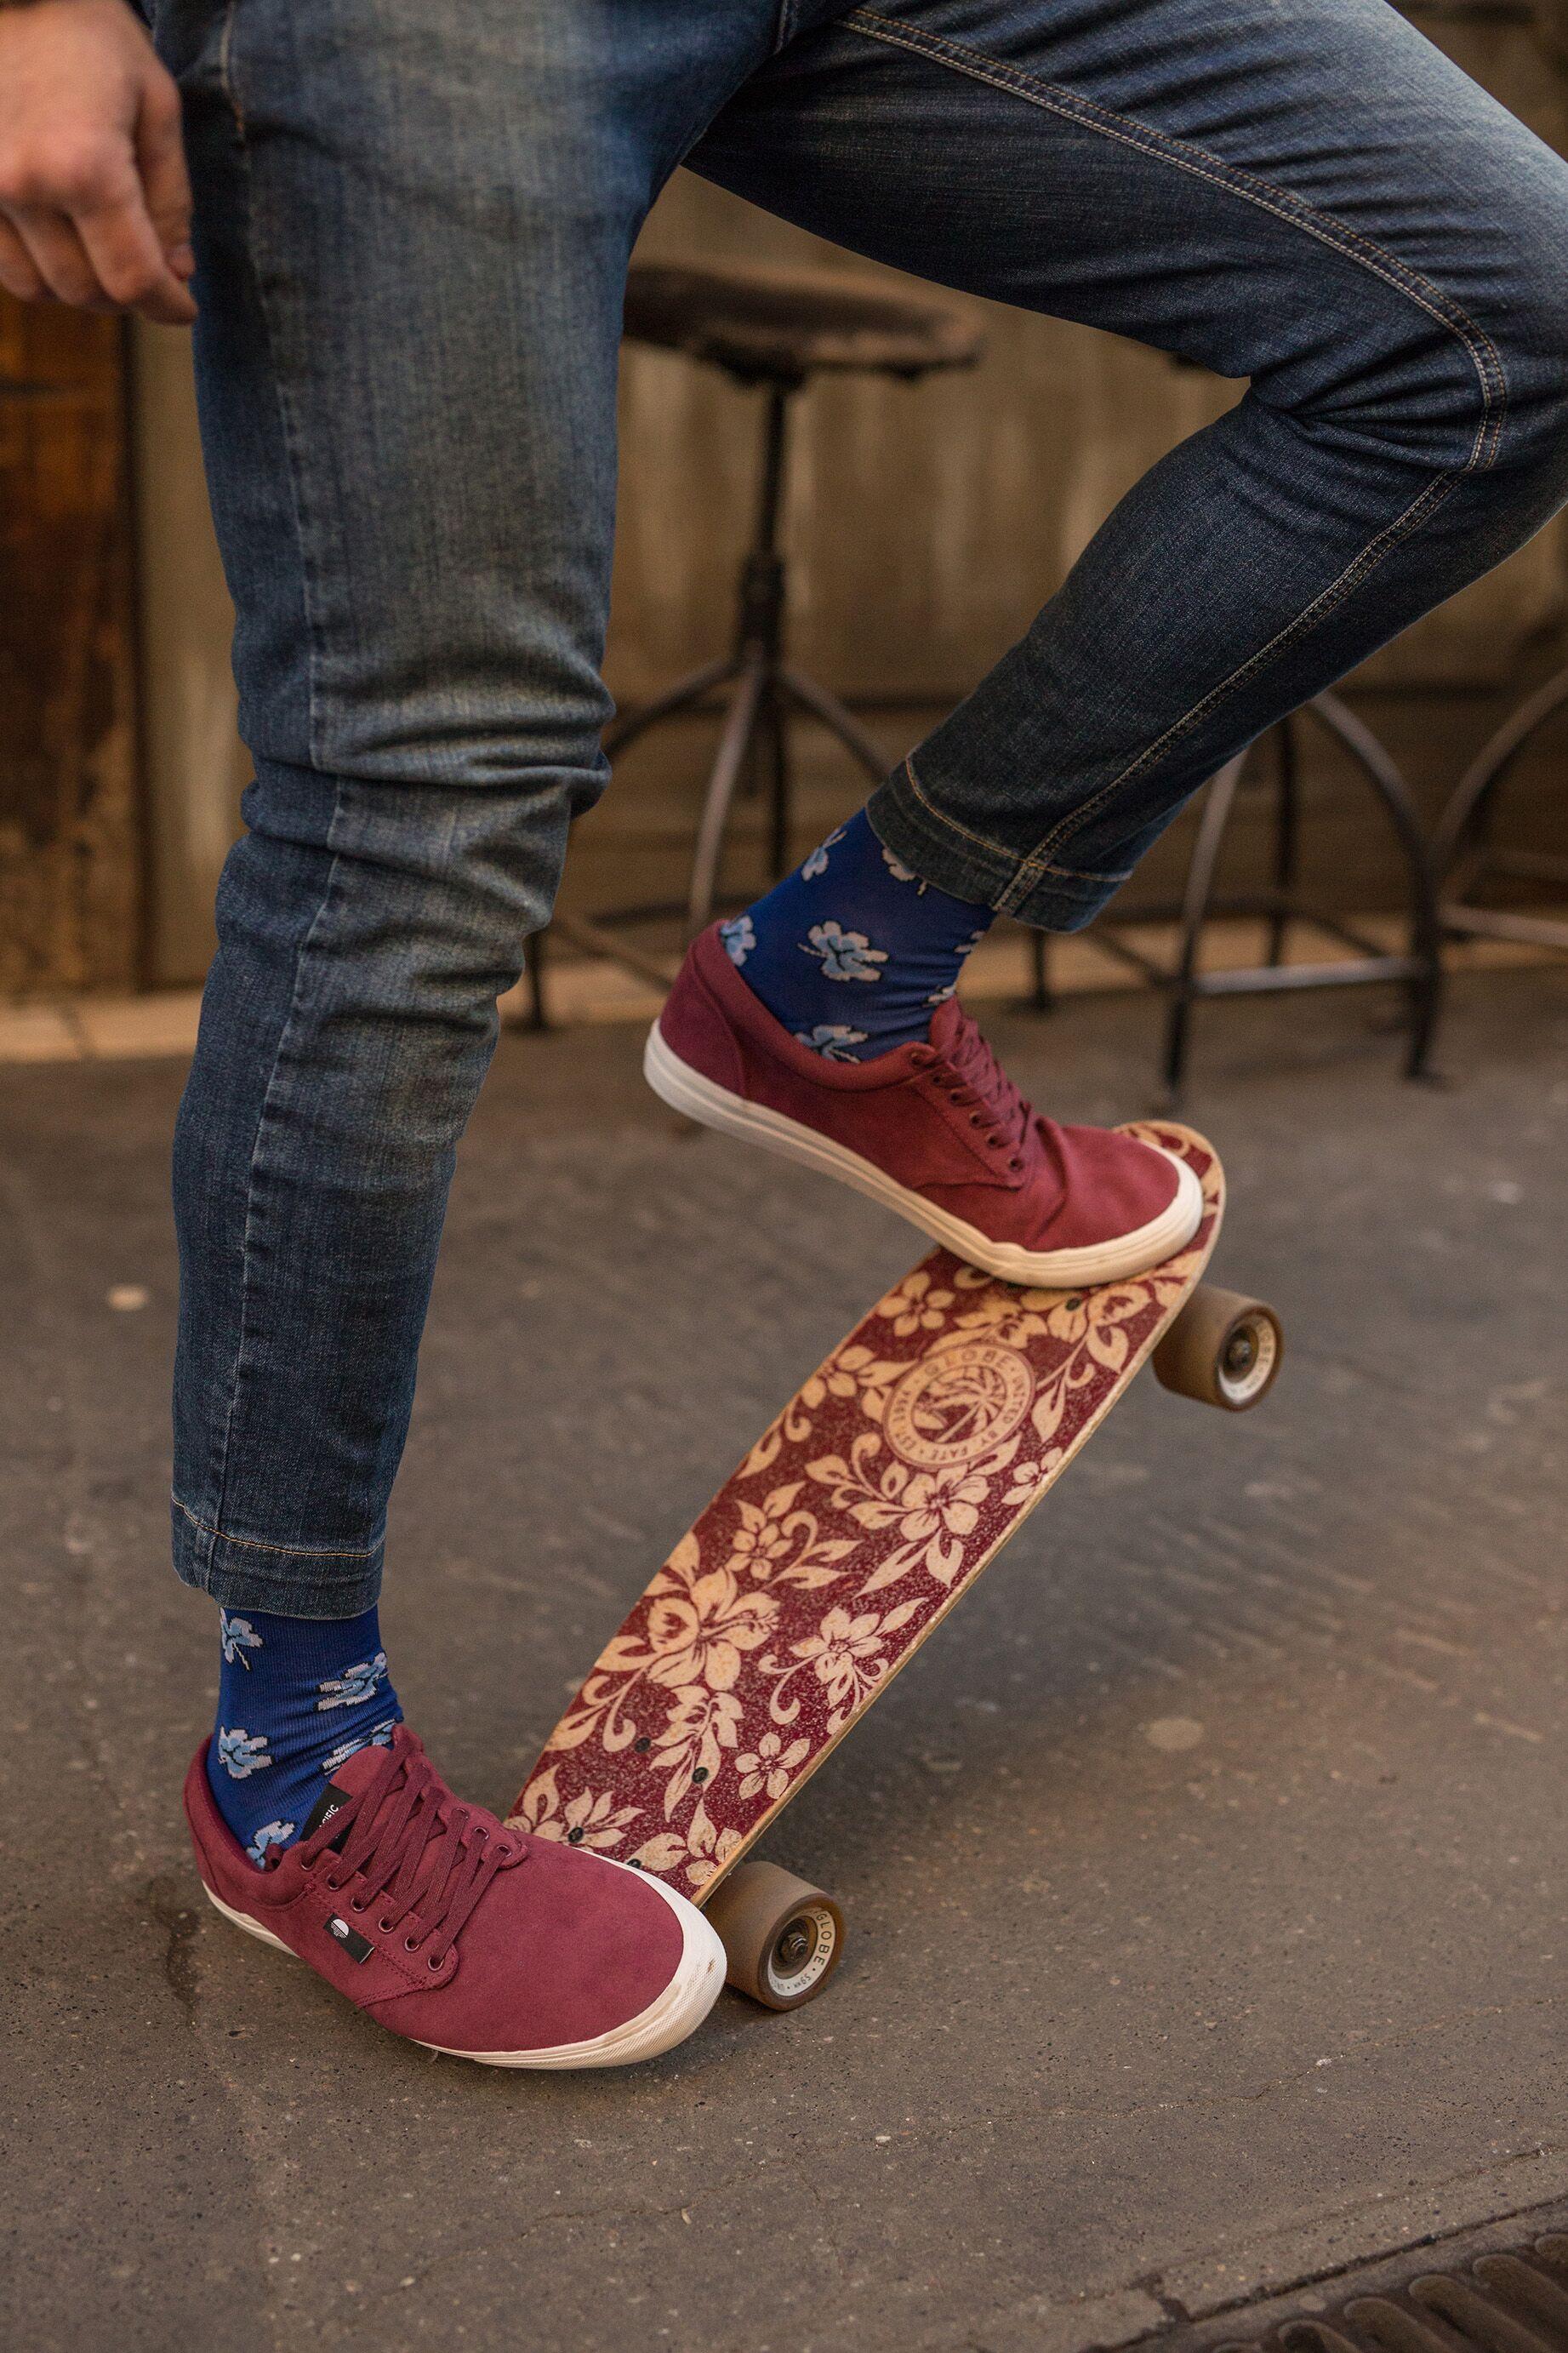 calzini uomo particolari